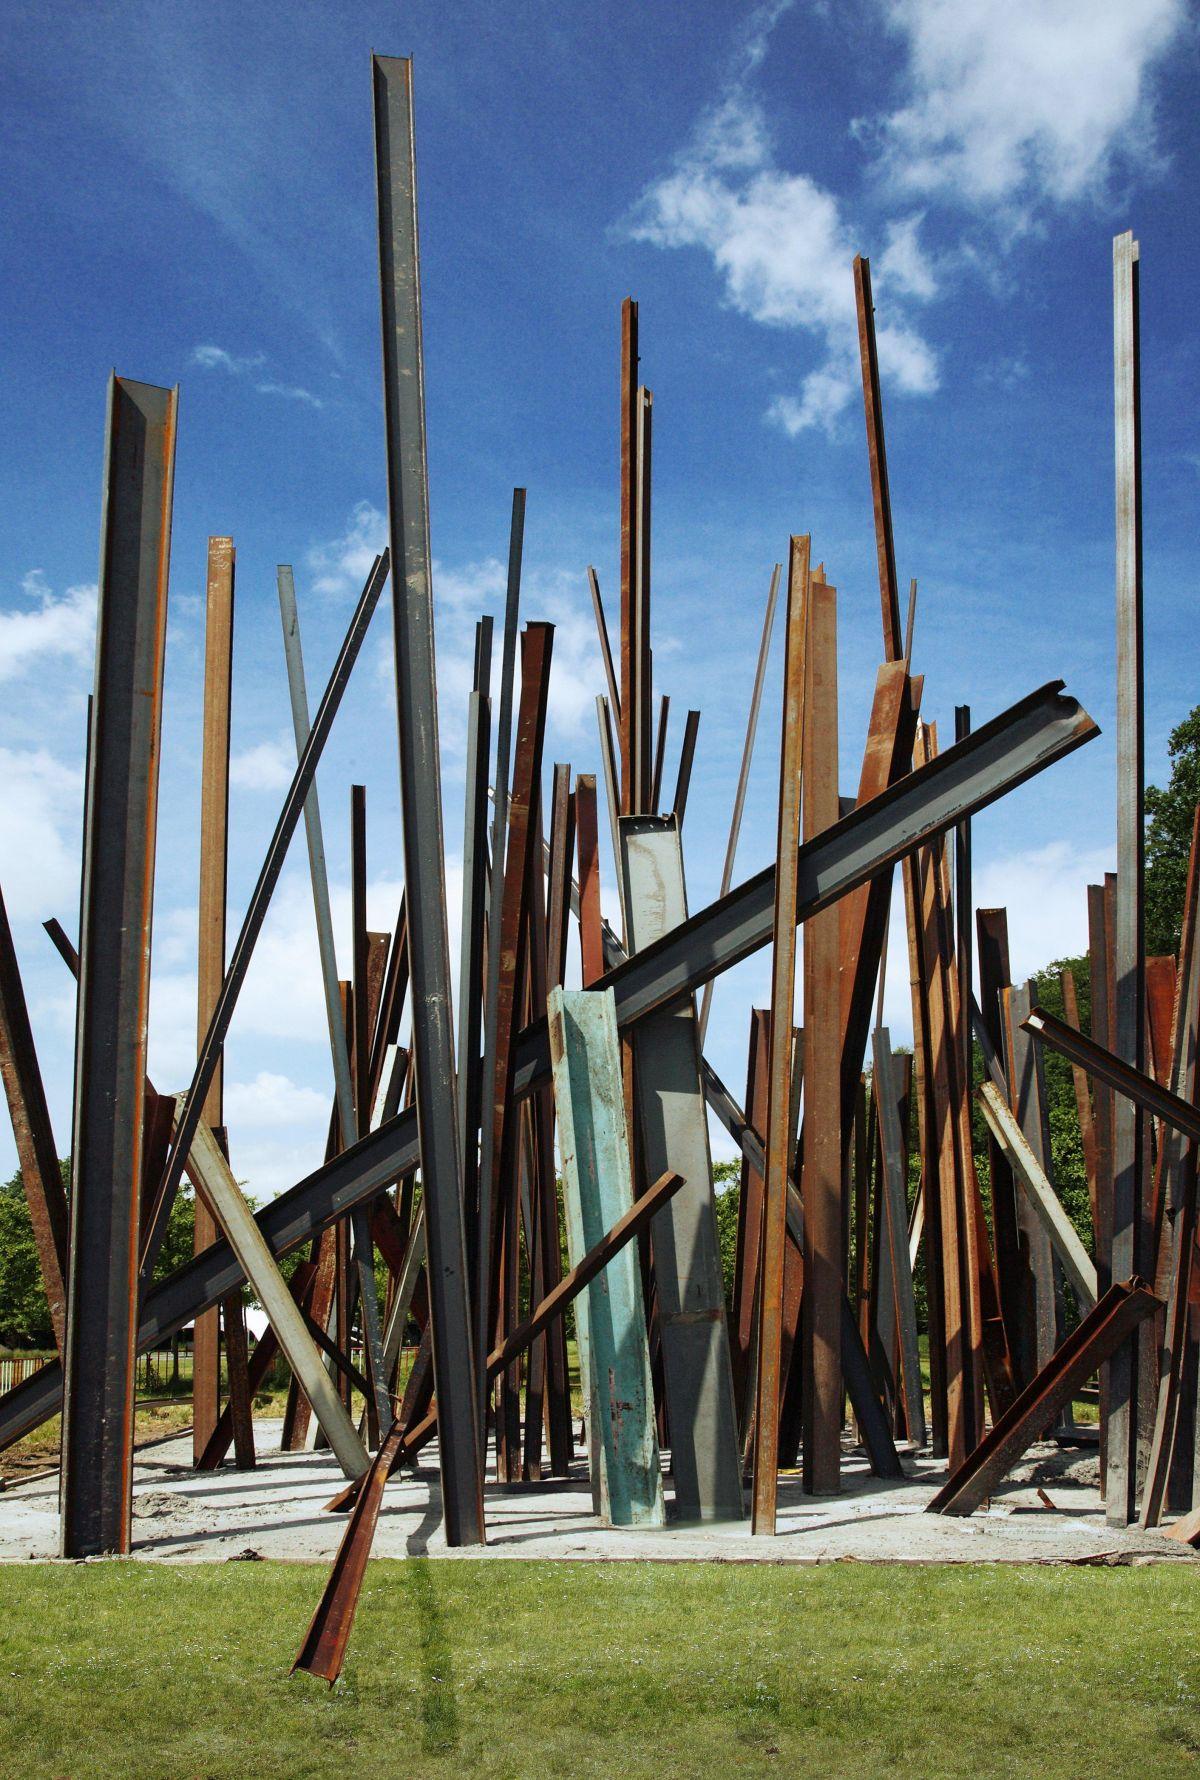 Beam Drop Antwerp, Chris Burden, Collection Stad Antwerpen, Middelheimmuseum. Photo: Michel Wuyts